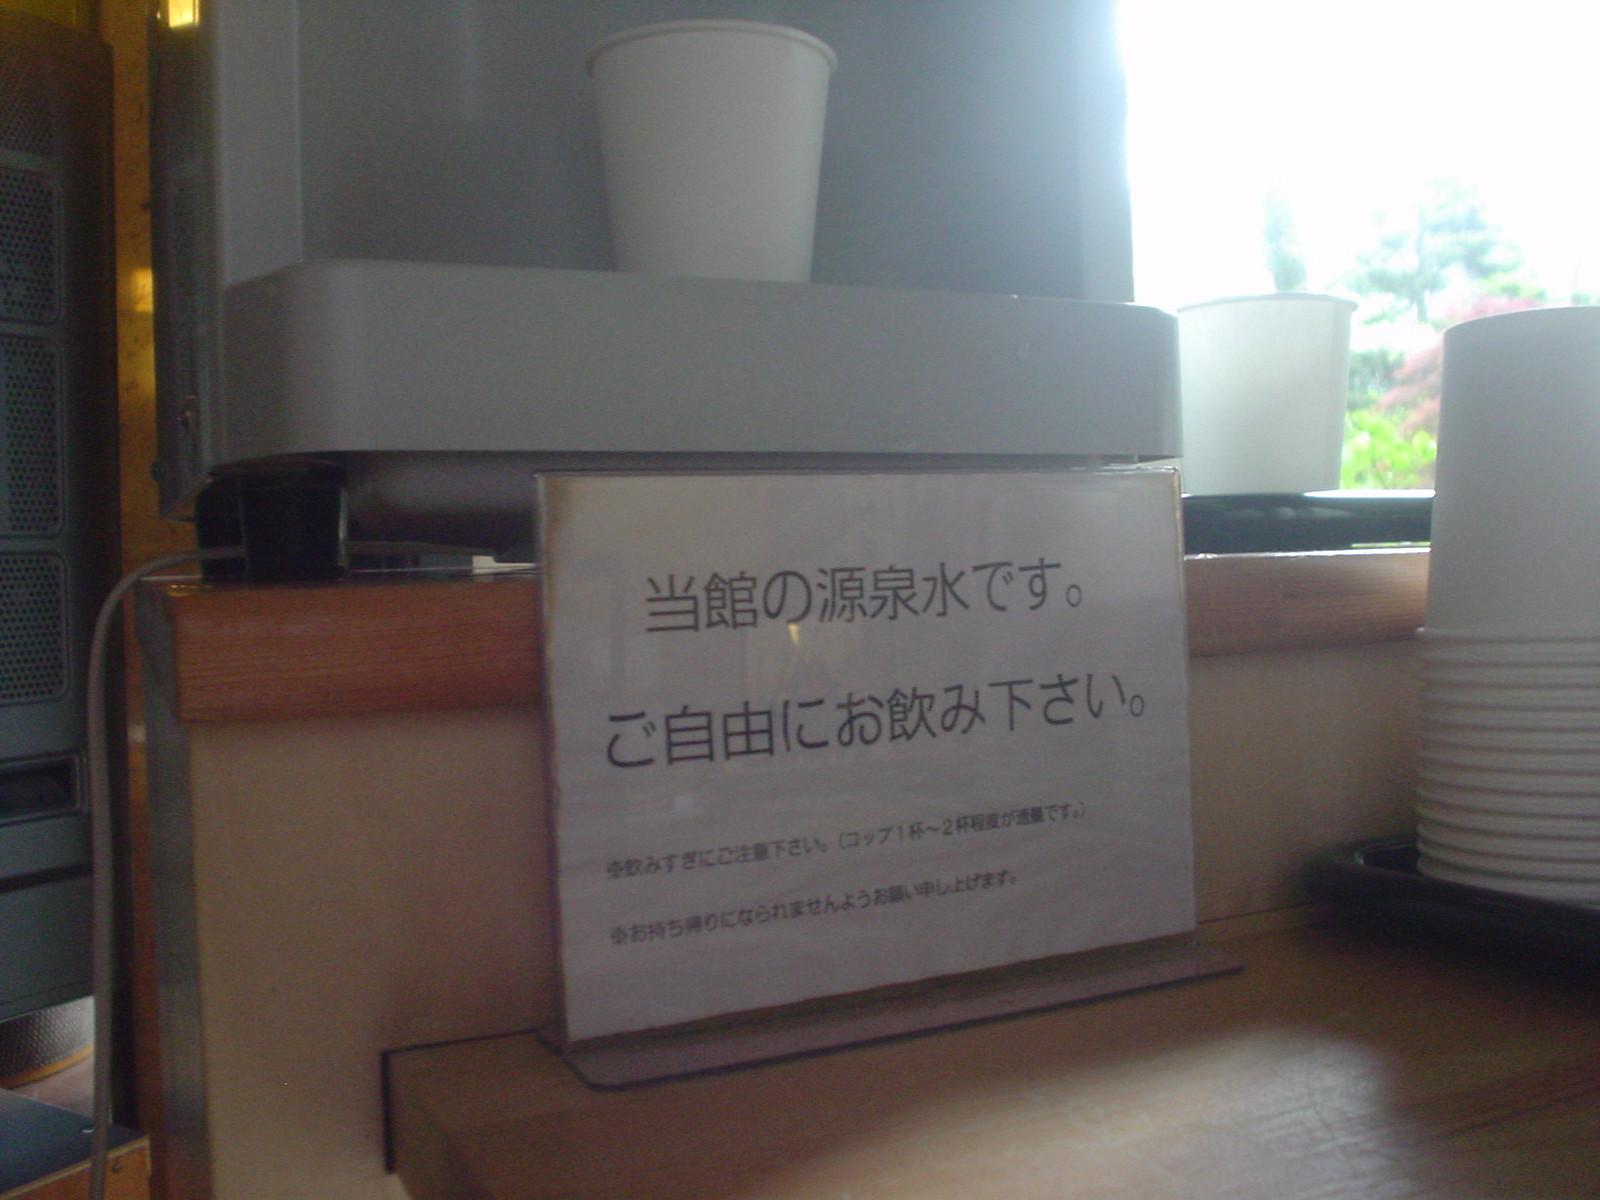 ラウンジにあるセルフで飲み放題の源泉水(濫飲厳禁)